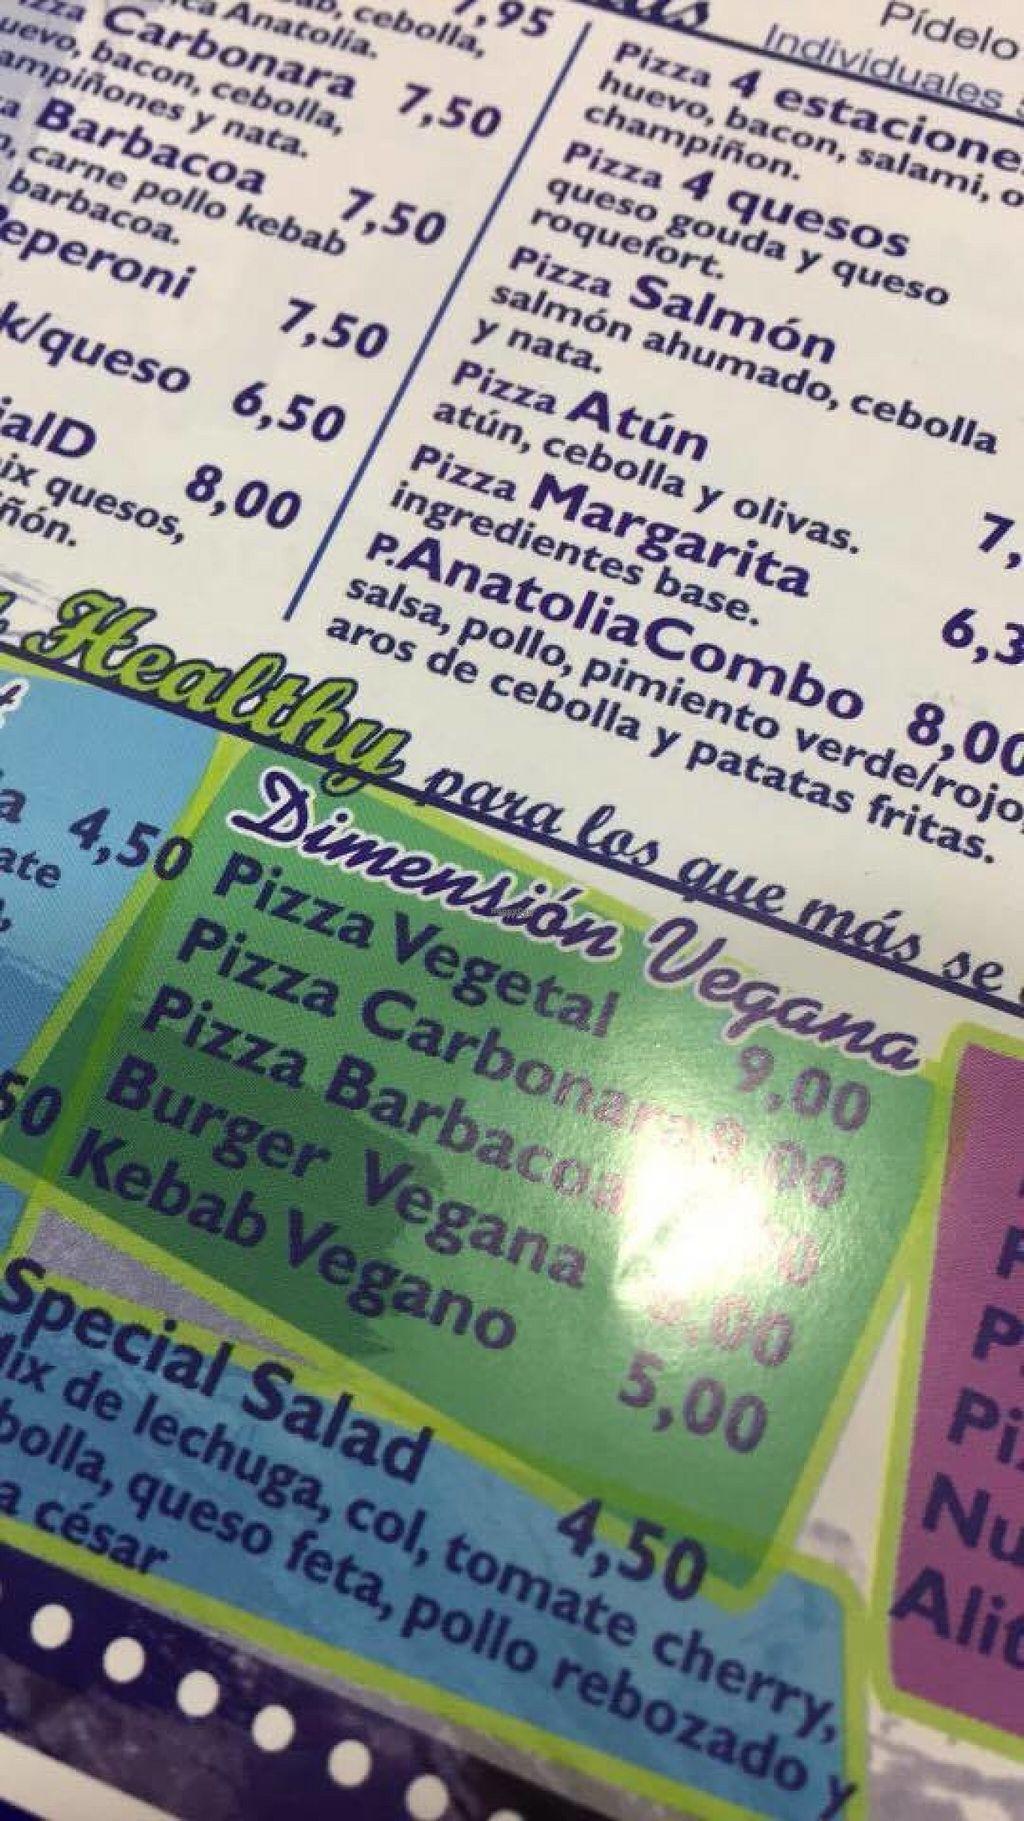 """Photo of Anatolia Kebab  by <a href=""""/members/profile/AlbaHM"""">AlbaHM</a> <br/>La carta de productos veganos. Tienen otra pizza nueva que no está en la lista <br/> November 2, 2016  - <a href='/contact/abuse/image/81966/186068'>Report</a>"""